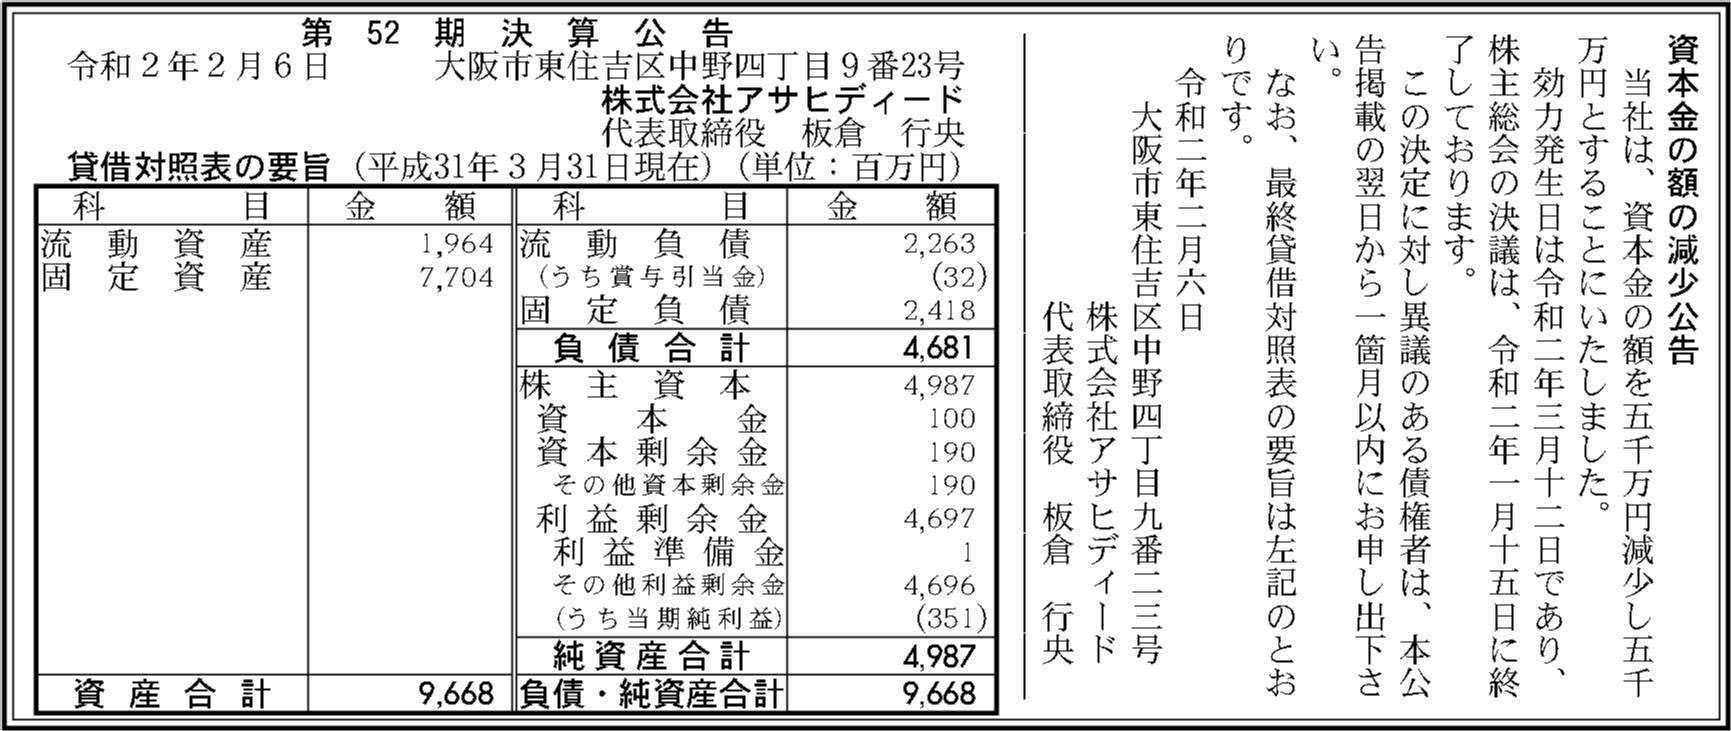 0125 fd1b16d25d4bec78ca78cfcc10c164eb6298a5de2b541a874581f2343018193d3af93c2dd8087fc51c8220b2b8c88aeeda90570d4276edf910c6755199c0d96e 05